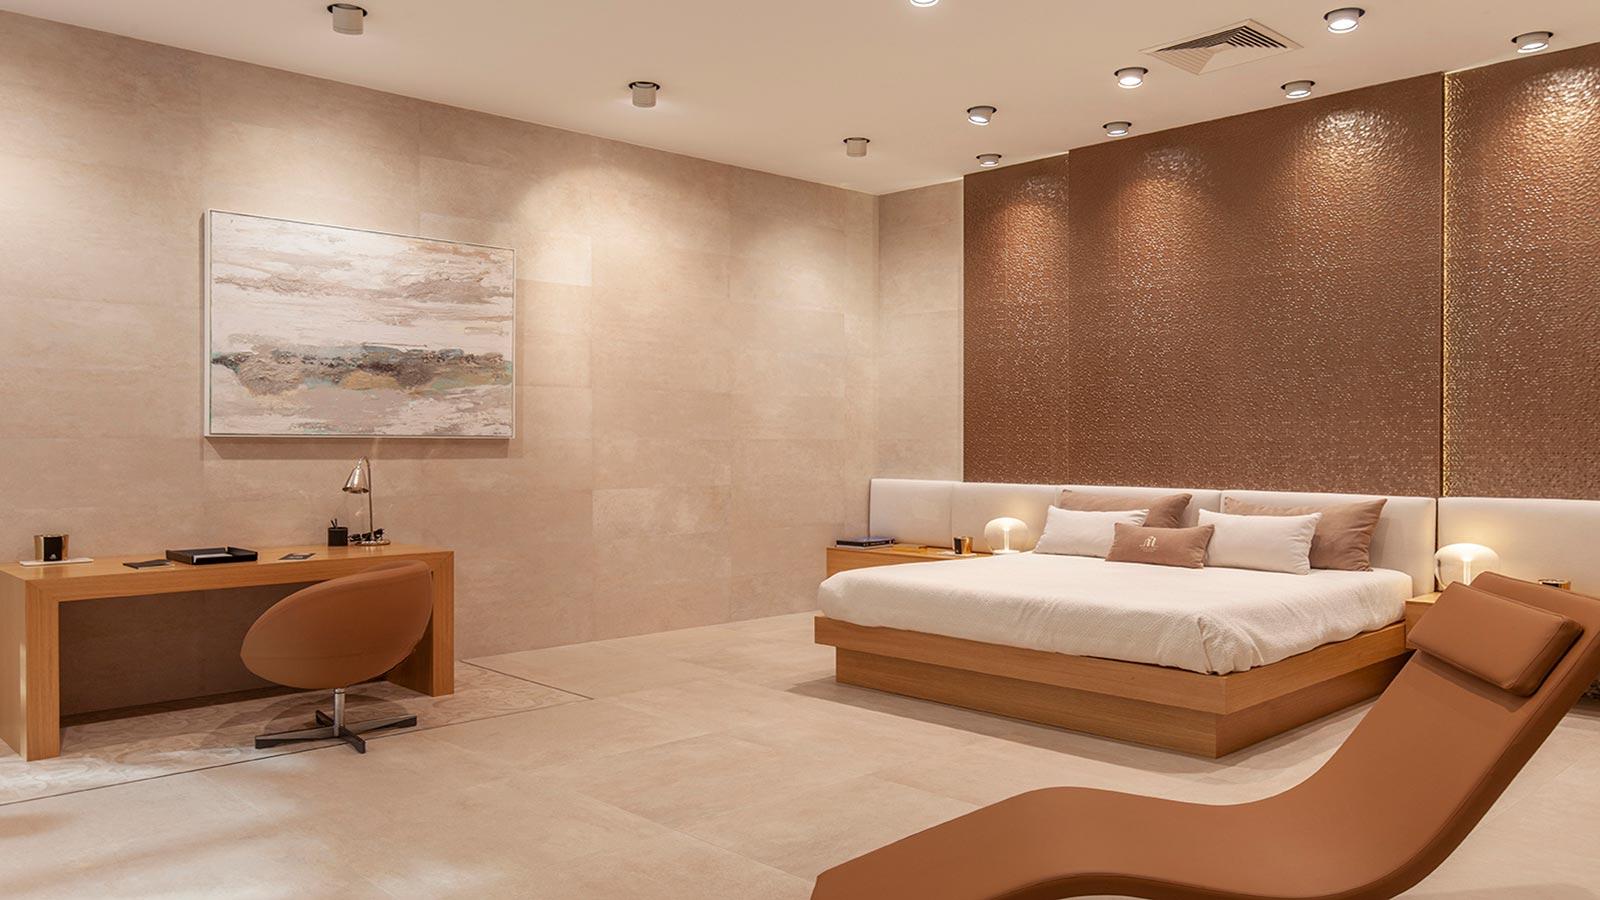 Porcelanosa Dubai Bronze 33.3 x 100 cm, Porcelanosa Mexico Sand 59.6 x 59.6, Porcelanosa Mexico Sand 31.6 x 90 cm